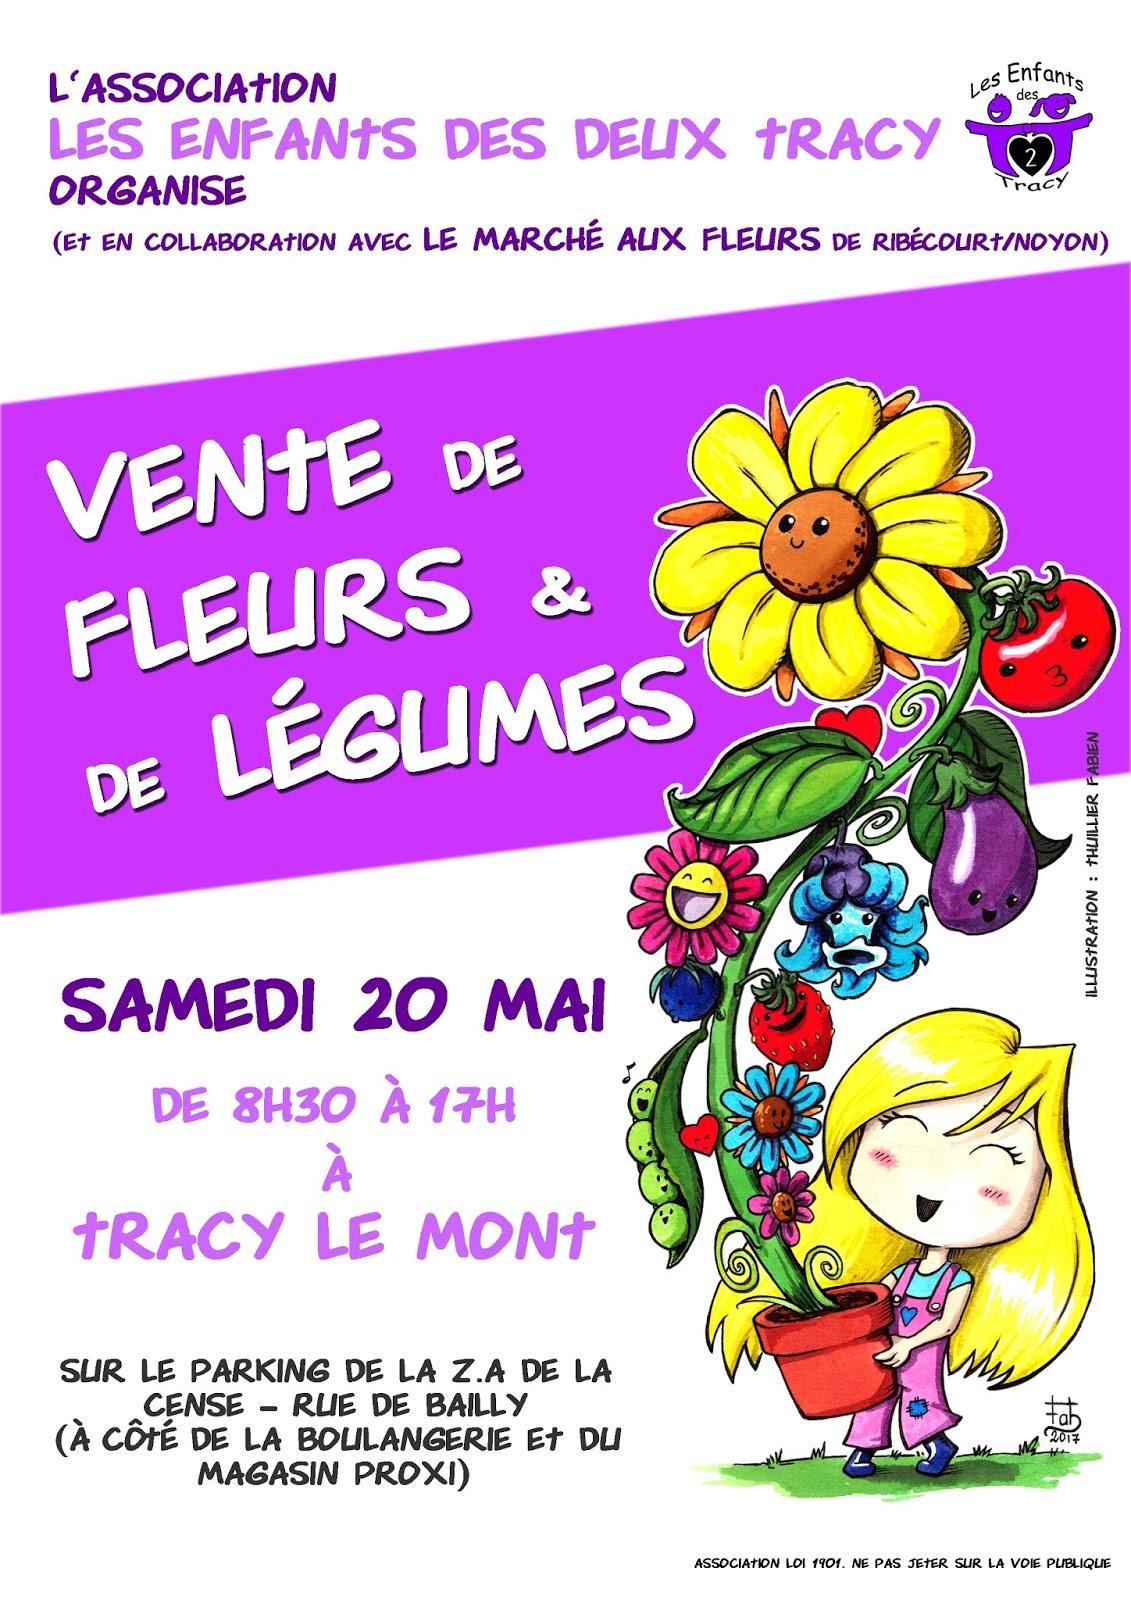 les enfants des 2 tracy vente de fleurs et de l gumes le 20 mai. Black Bedroom Furniture Sets. Home Design Ideas